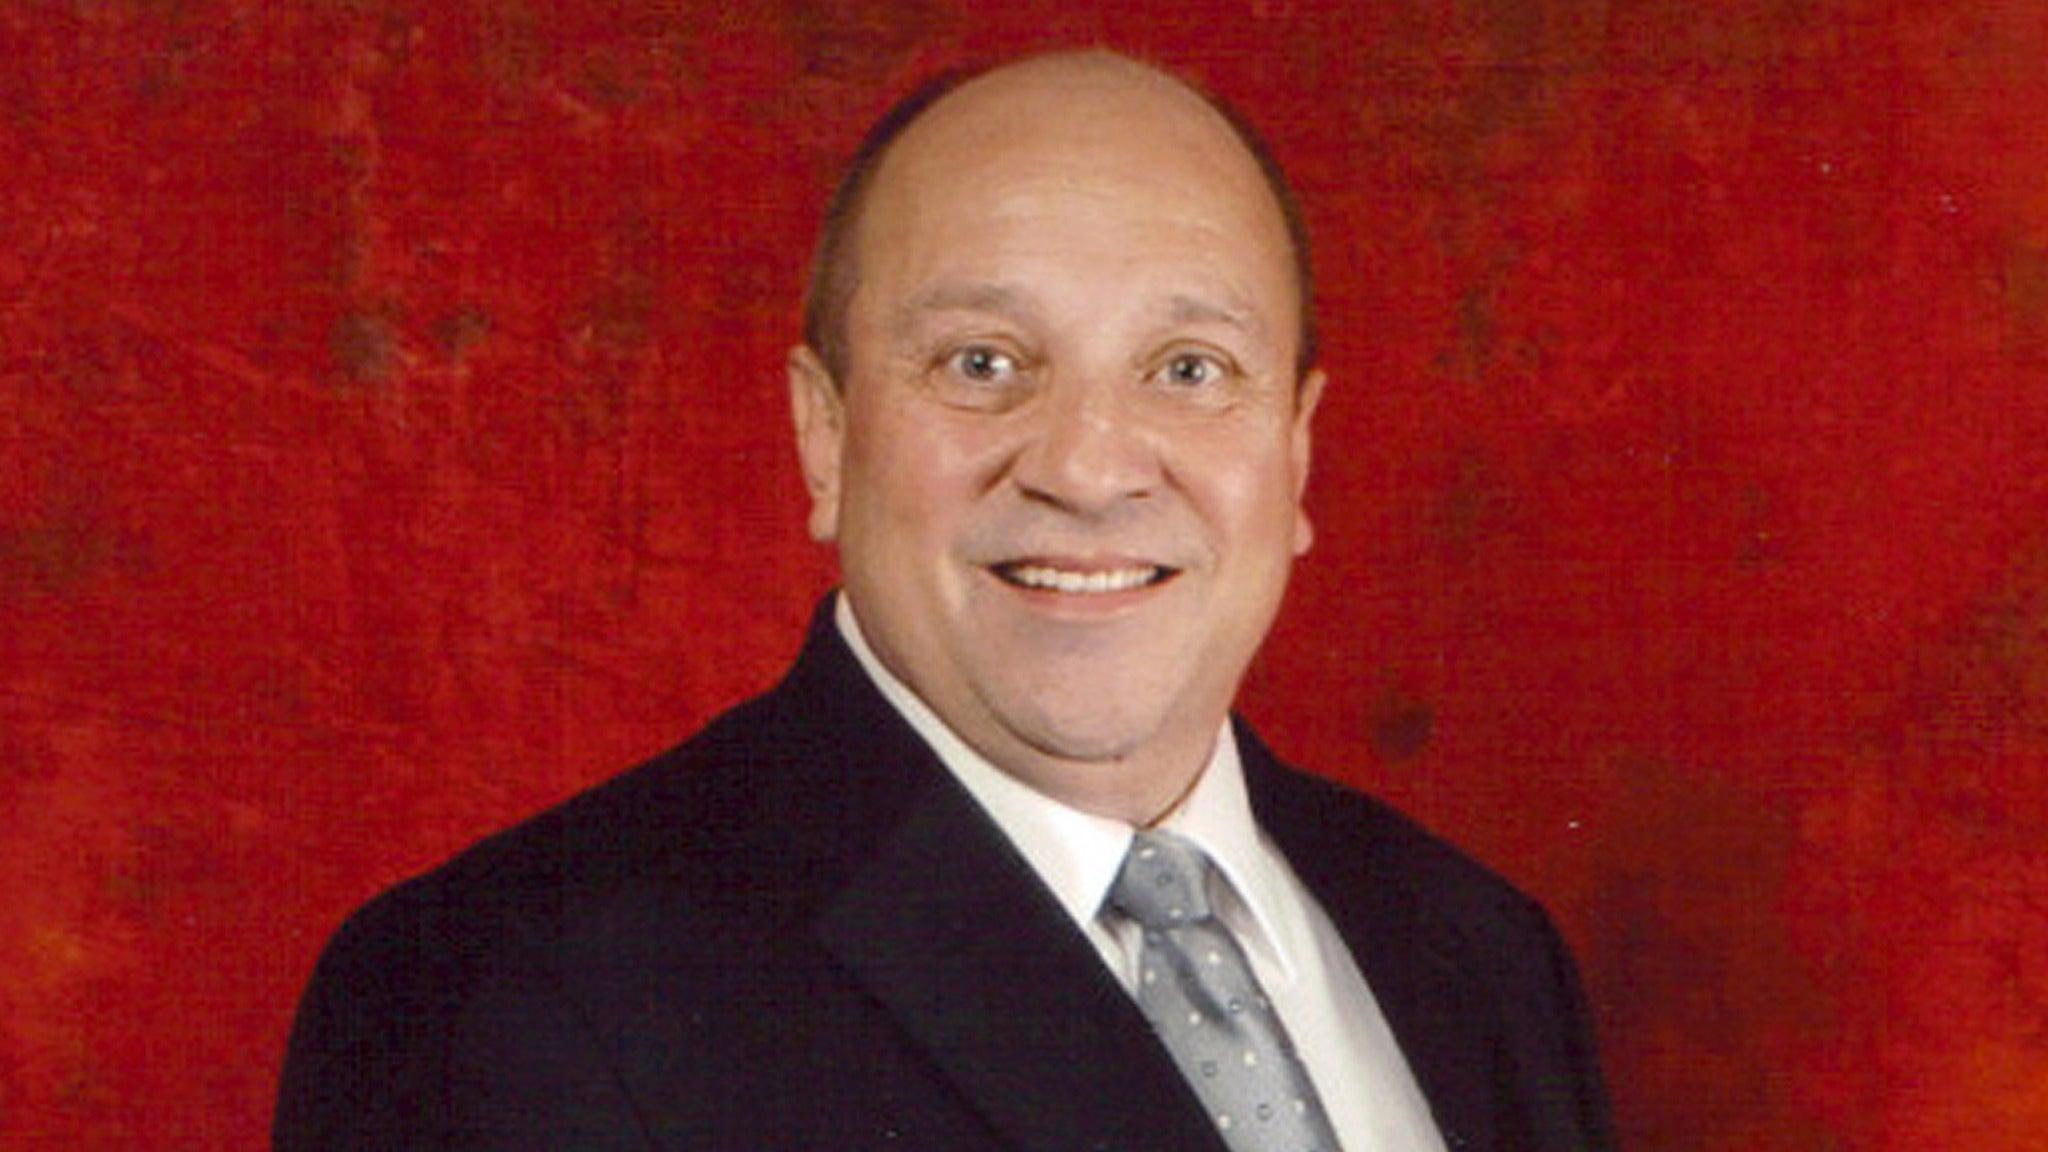 Keith Lenart at Pechanga Resort and Casino - Temecula, CA 92592